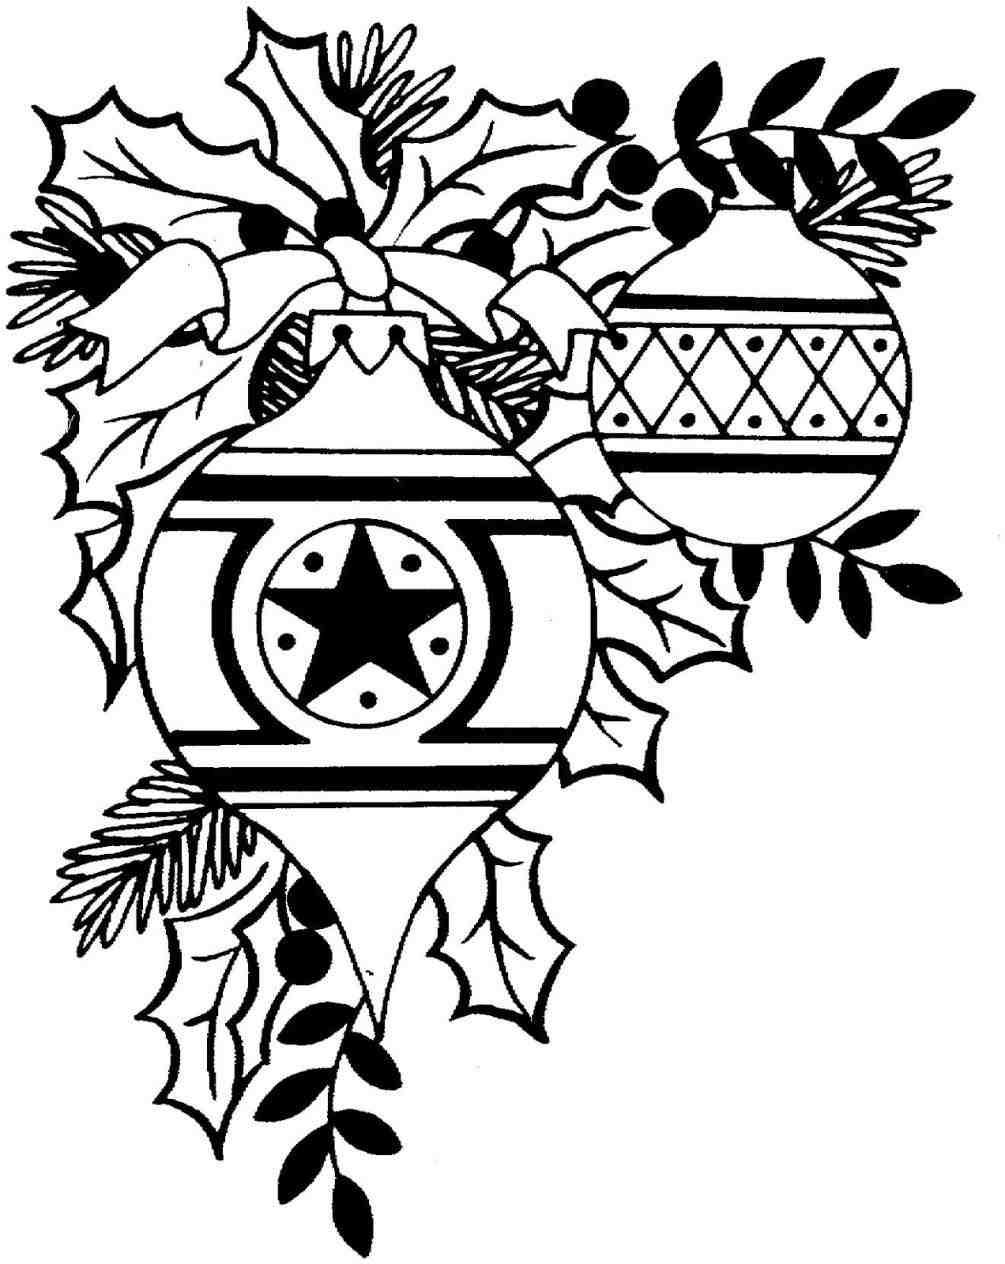 1005x1264 Elegant Christmas Border Black And White Cheminee.website